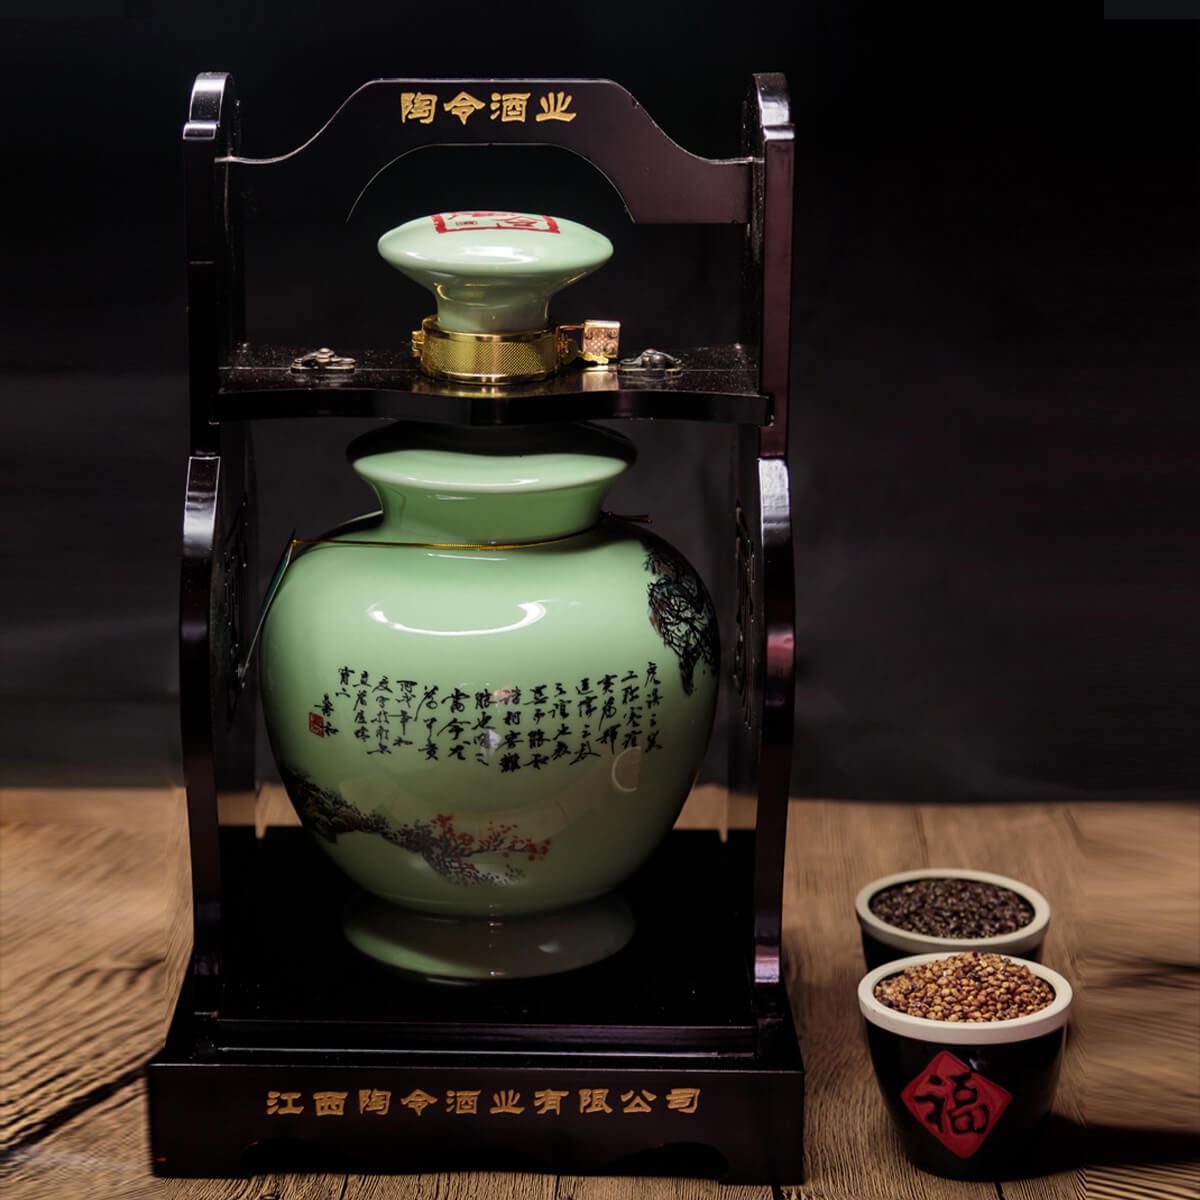 陶令52度十五年窖藏 5斤壇裝典藏版